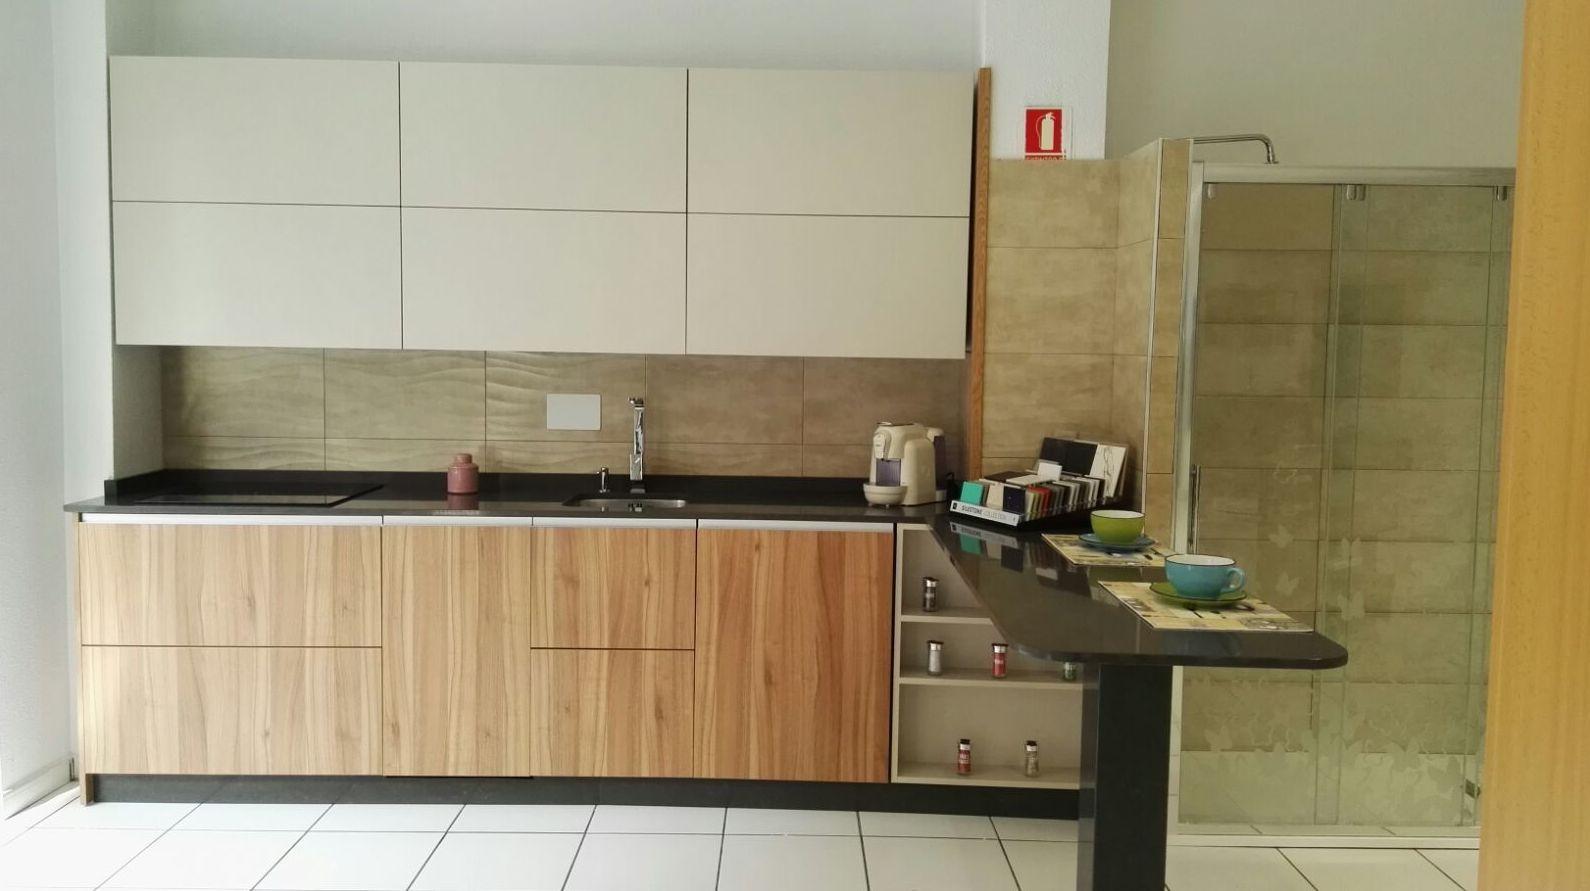 Foto 5 de Reformas en baños y cocinas en León | F. Alba, cocinas y baños